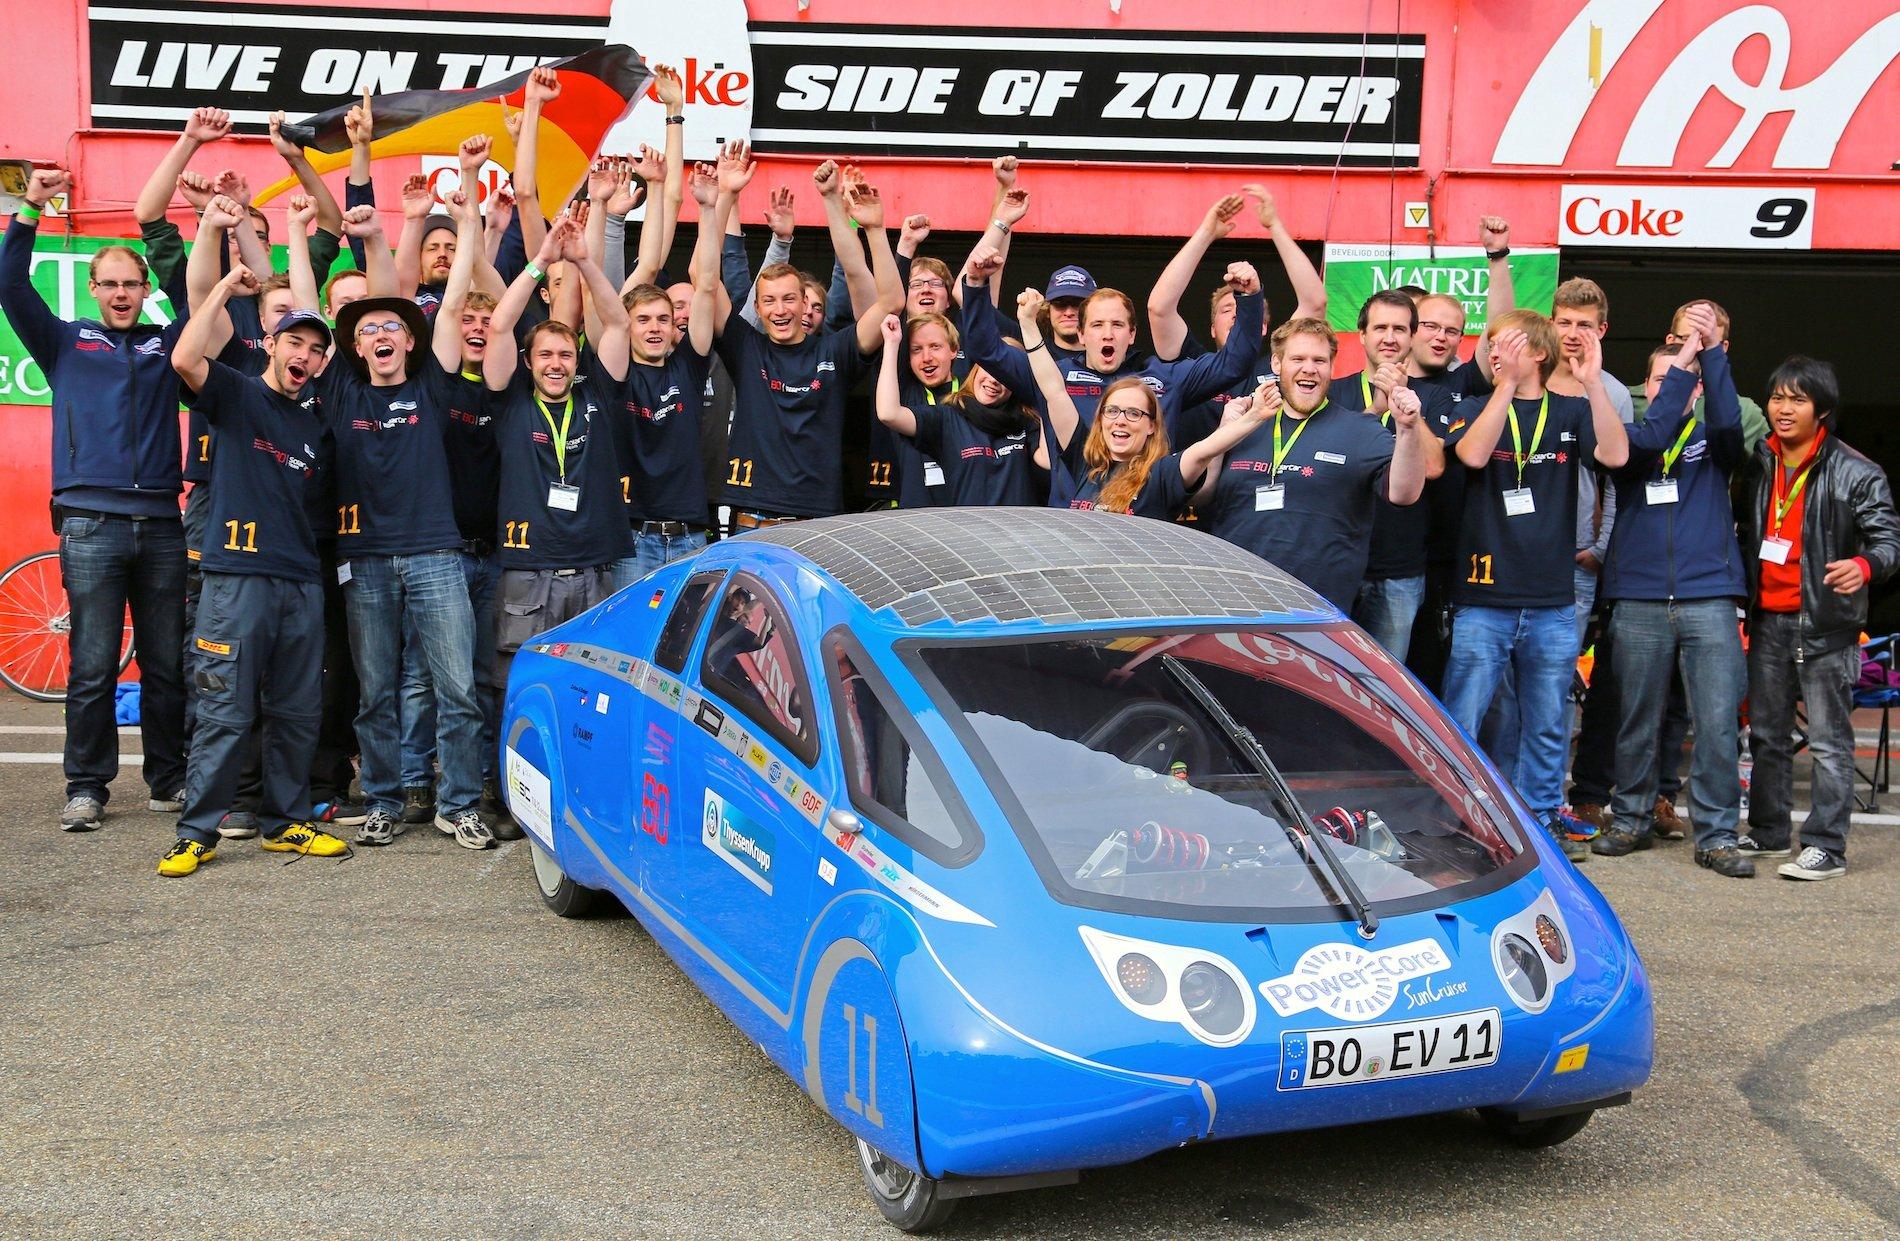 """Doppelsieg der Hochschule Bochum: Die angehenden Ingenieure der Hochschule siegten mit demSolarWorldGT im Kurzstreckenrennen und lagen mit demSunCruiser auch beim Langstreckenrennen""""9 Stunden von Zolder"""" ganz vorne."""